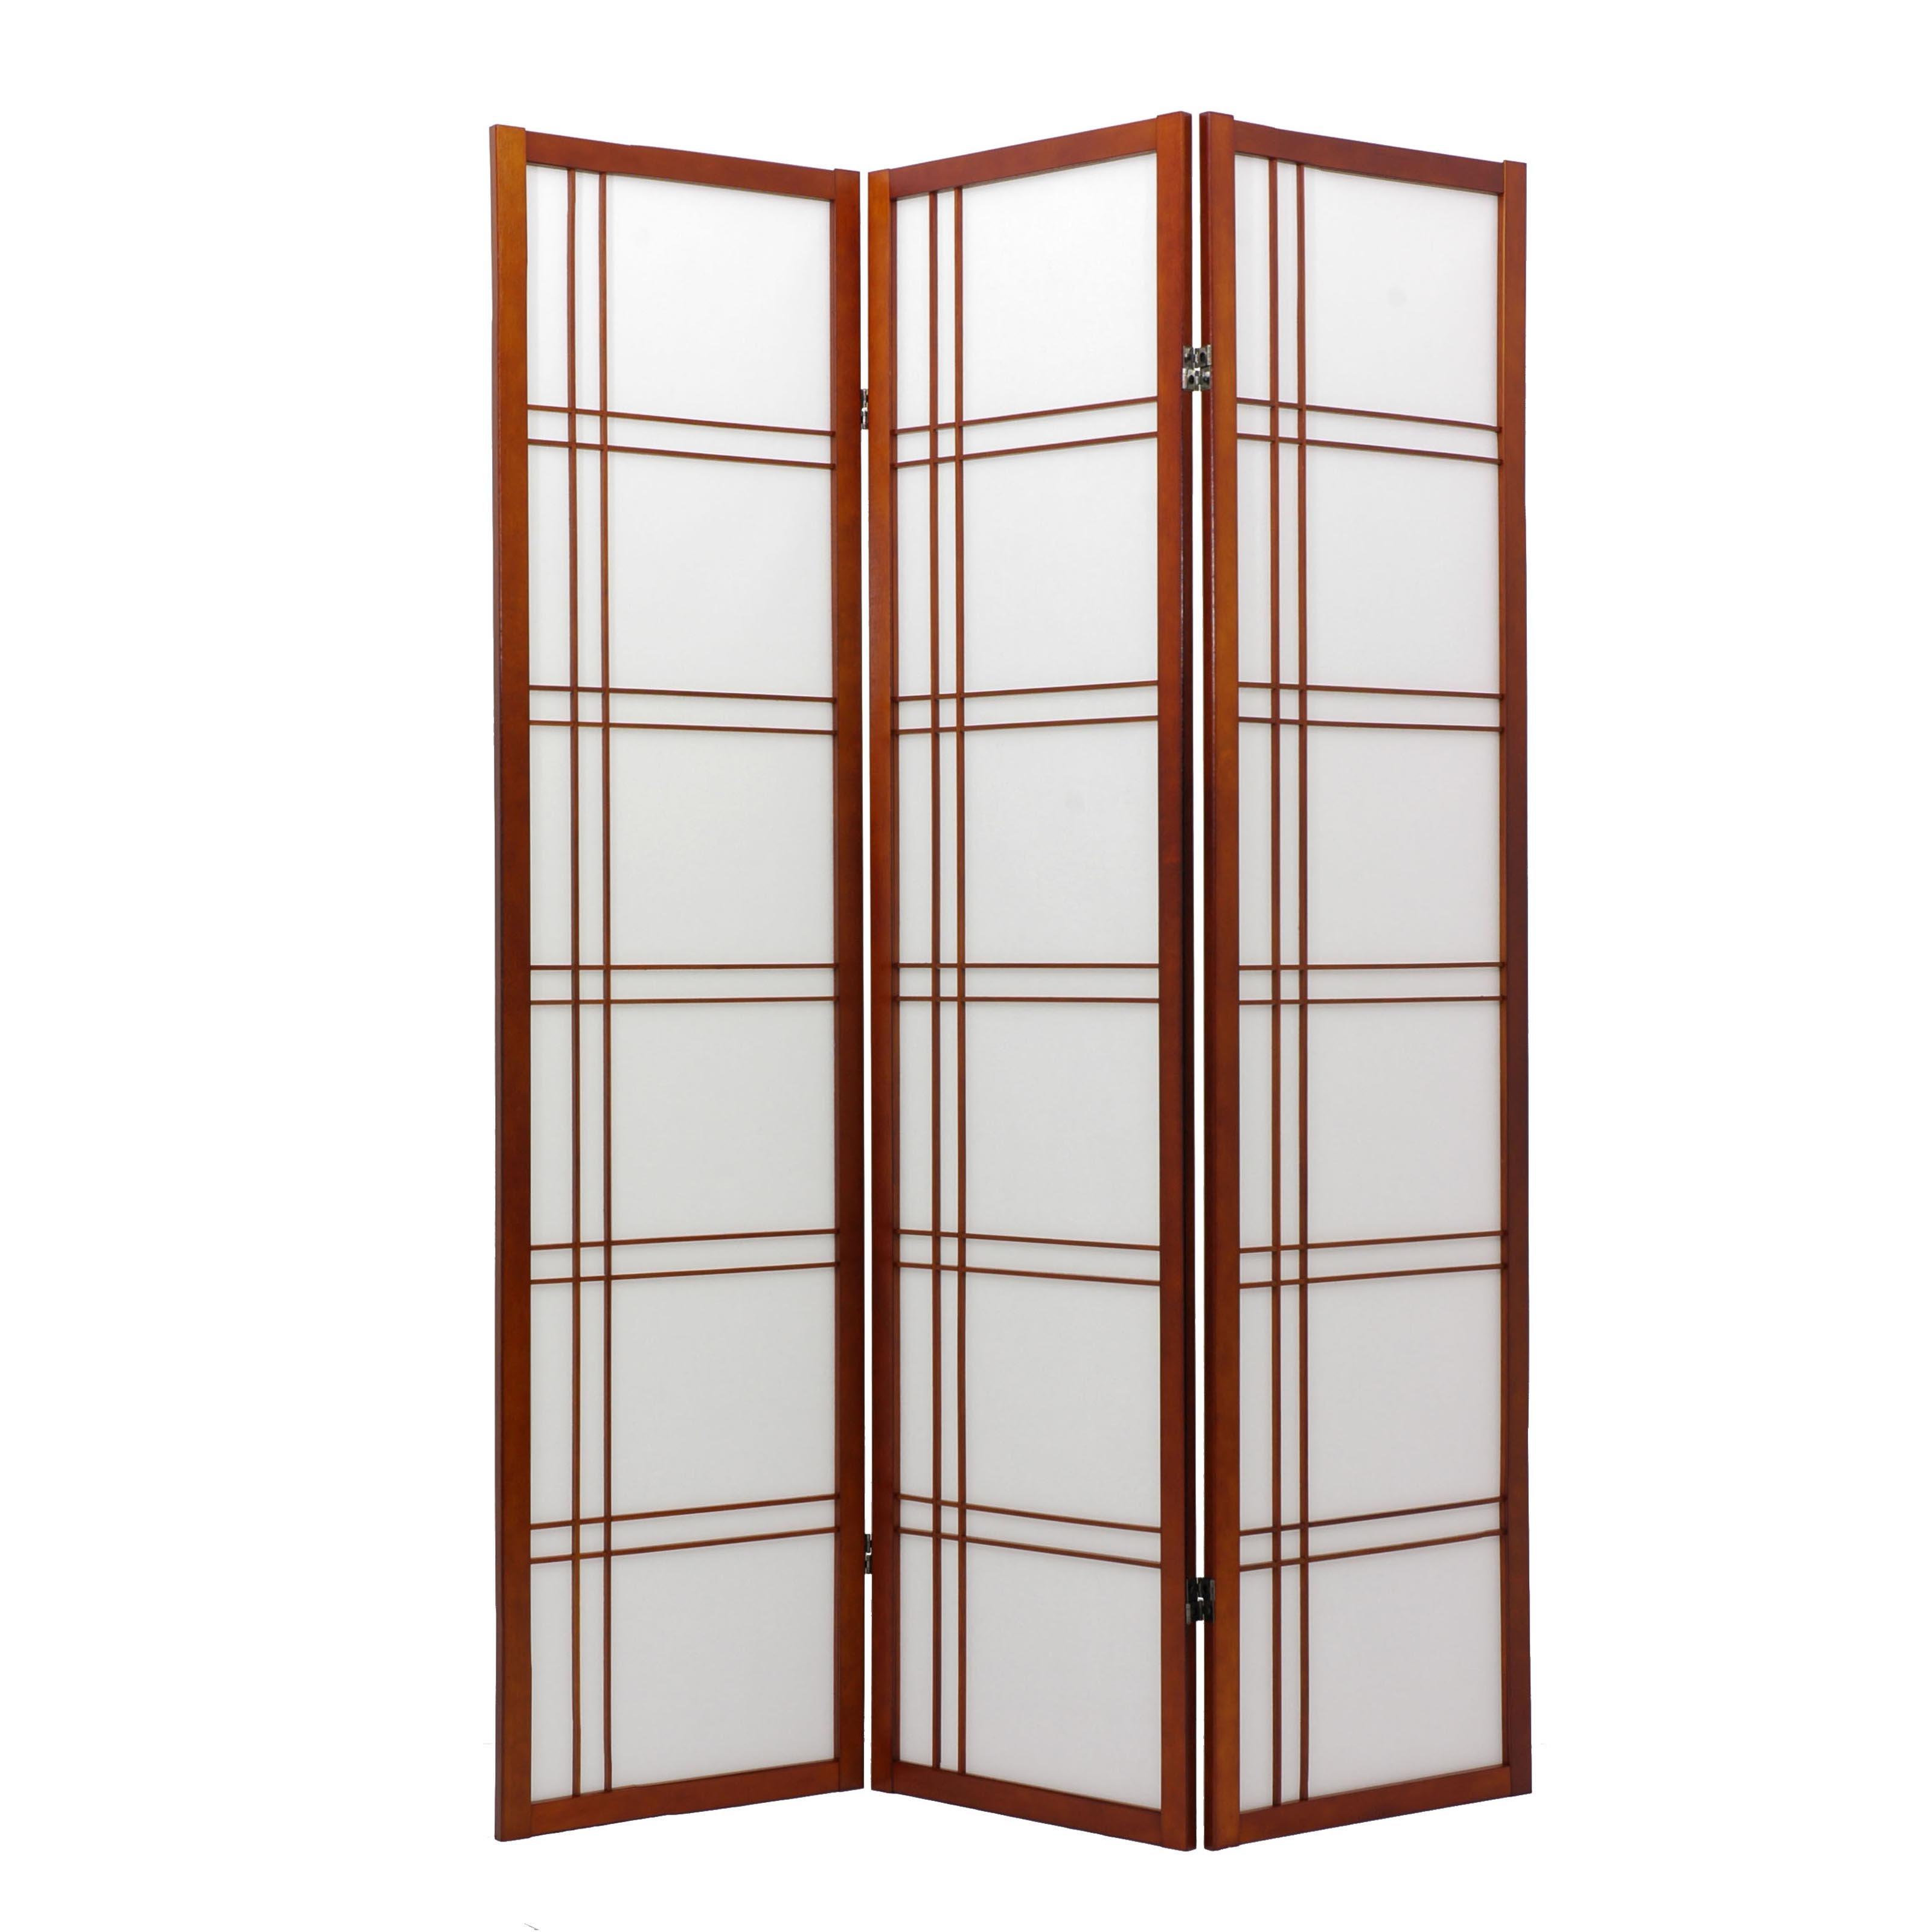 Oriental Furniture Double Cross Shoji Screen in Walnut - SSCDBLX-4_Panel-Walnut